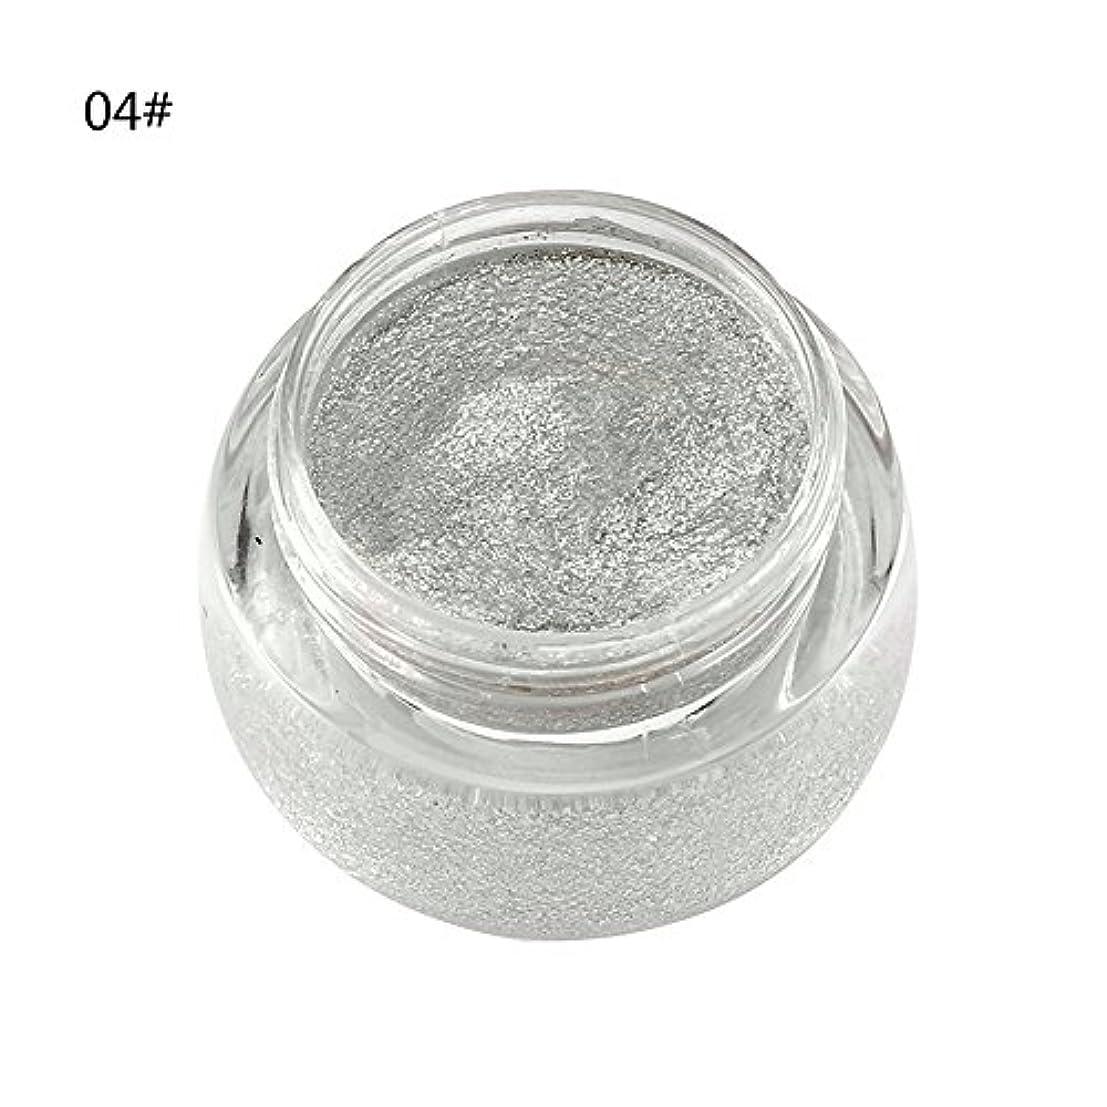 セブン小道具対応アイシャドウ 単色 化粧品 光沢 保湿 キラキラ 美しい タイプ 04